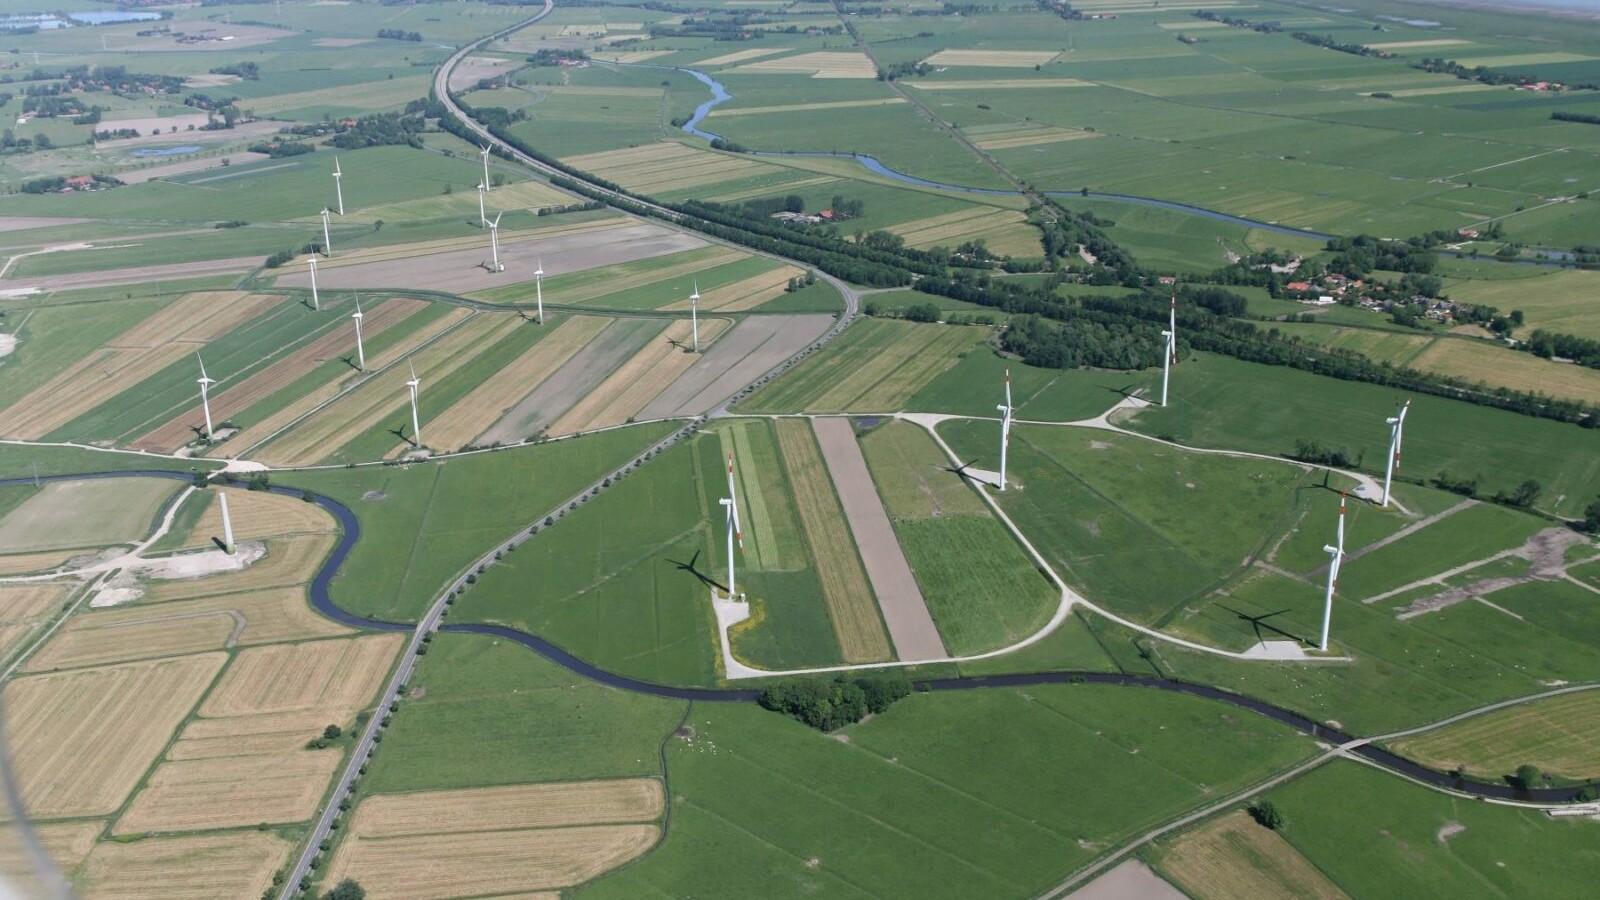 https://brandschutzplus.de/wp-content/uploads/2021/02/luftbildfriesland_Friesland-ist-schoen_Foto_Walter-Rademacher.jpg